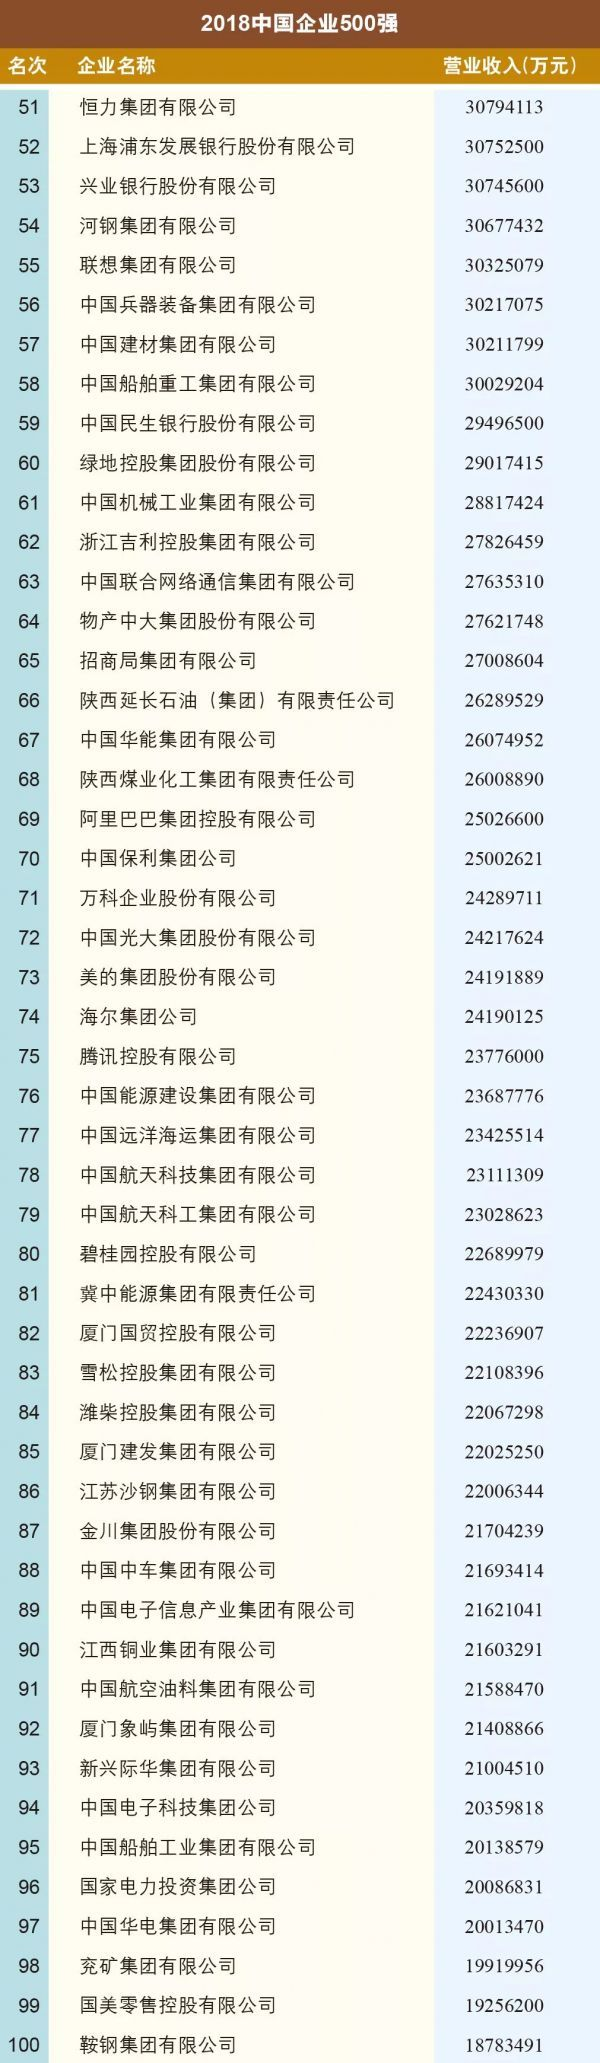 2018中国500强企业榜单出炉 百度热搜 图3